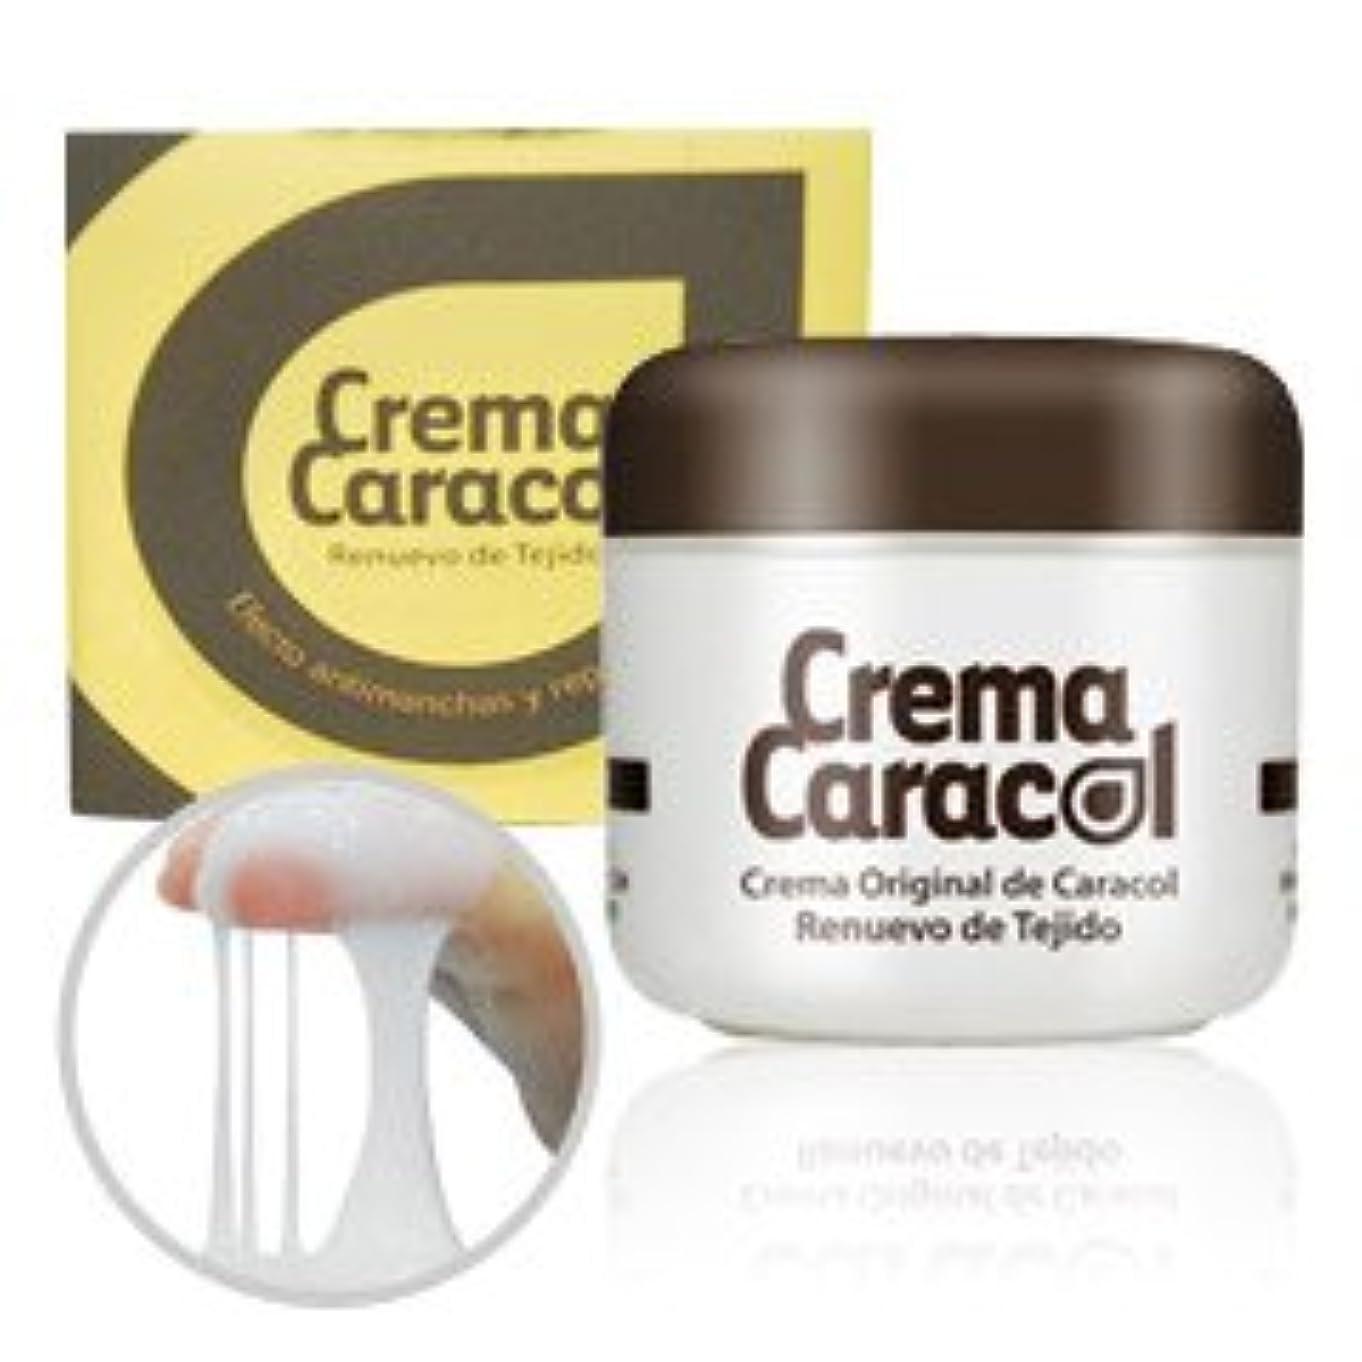 以内に無謀残酷なcrema caracol(カラコール) かたつむりクリーム 3個セット